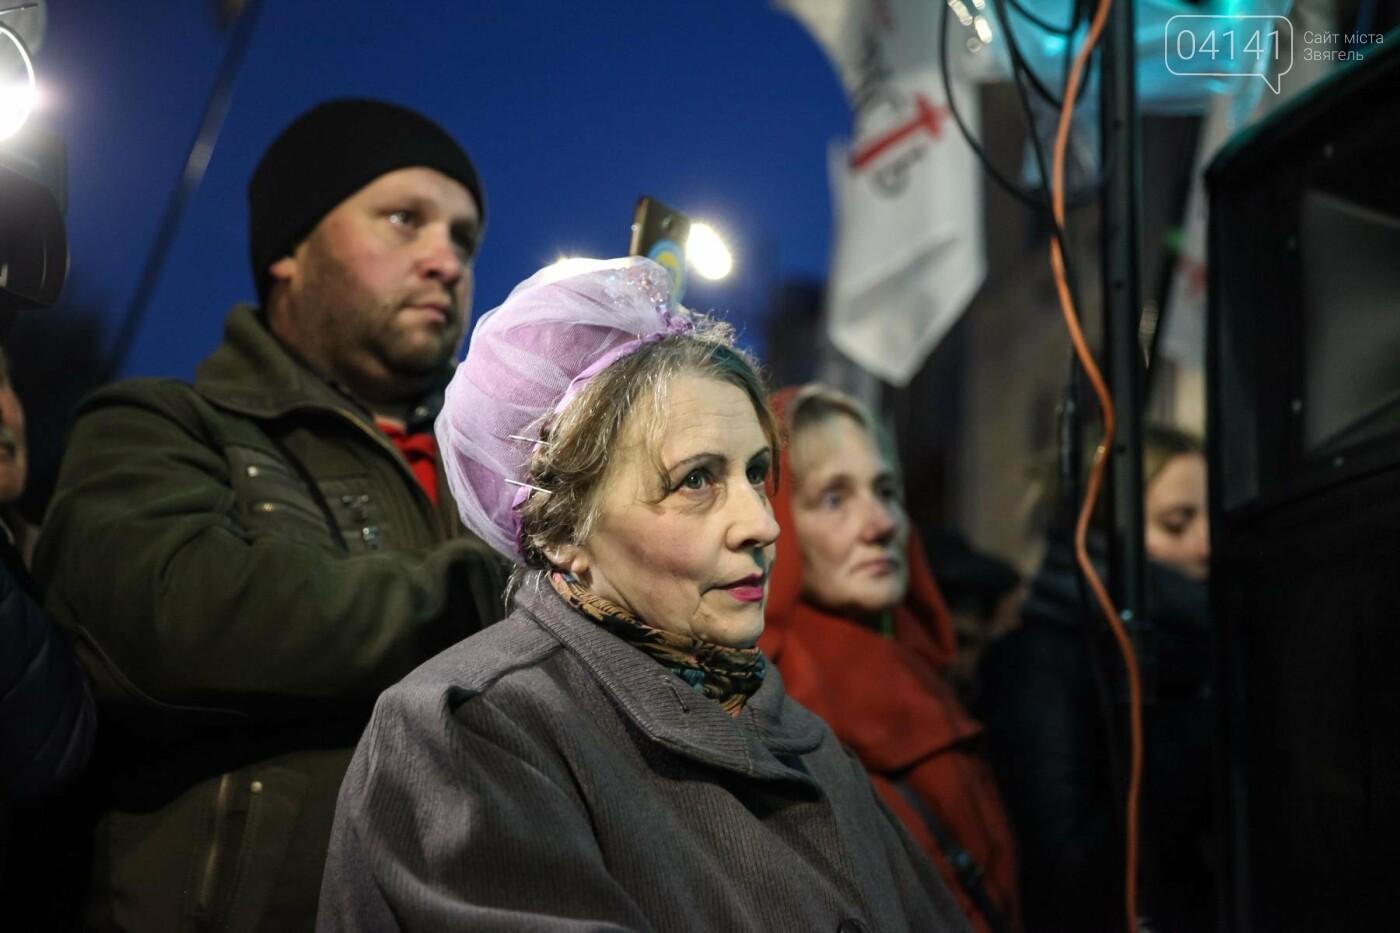 «Ми кажемо цій владі, що так не має бути і розповідаємо як бути повинно », - Наливайченко під час зустрічі в Житомирі, фото-3